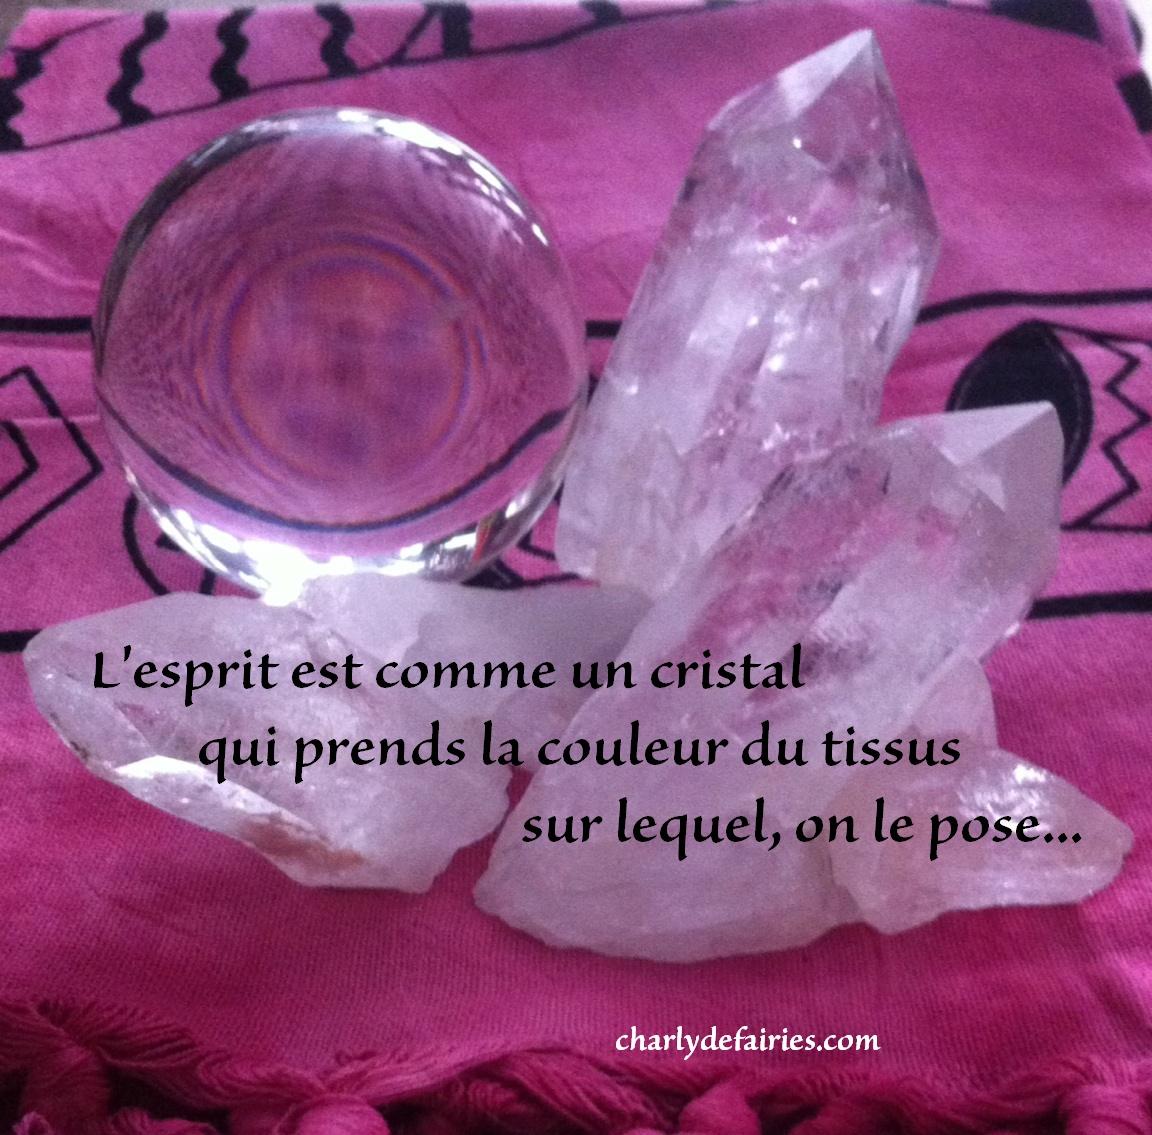 L'Esprit est comme un cristal.